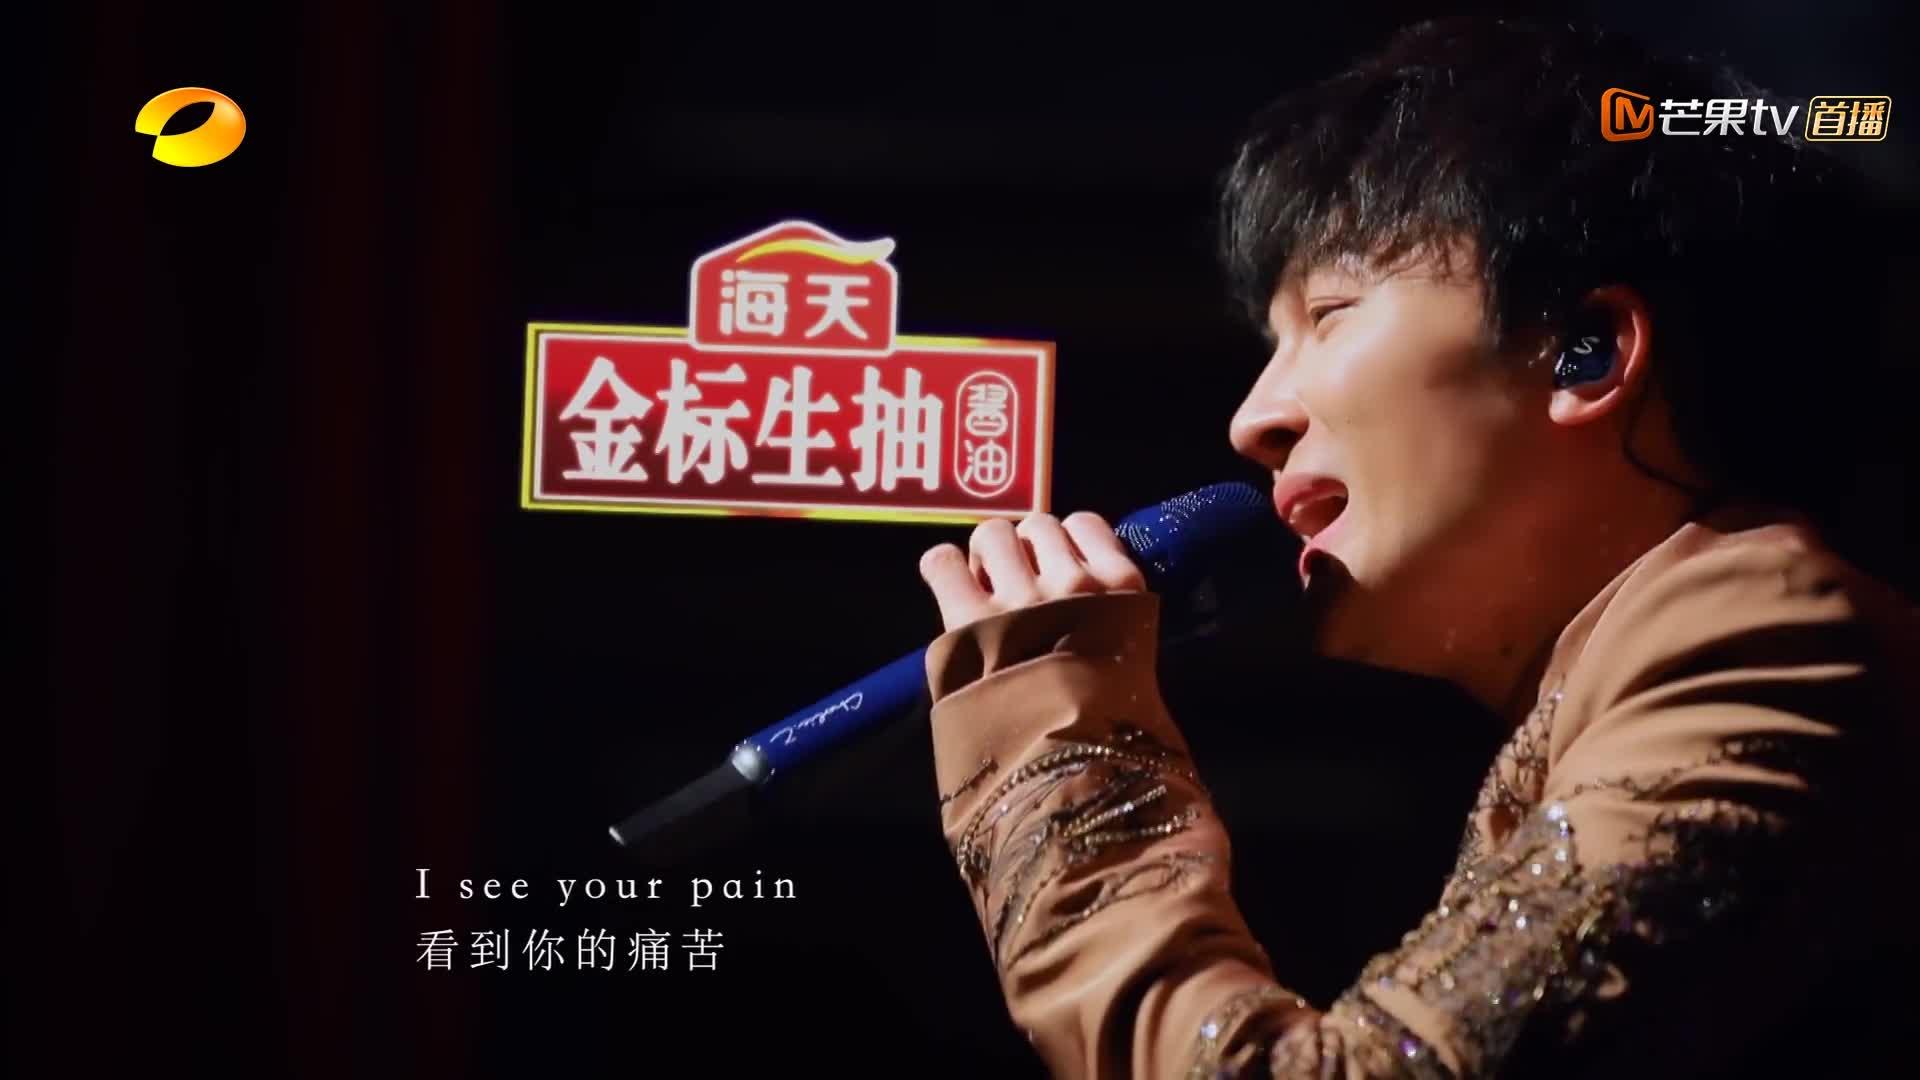 歌手:周深唱短视频背景曲,简直不给网红留活路,华晨宇都醉了!